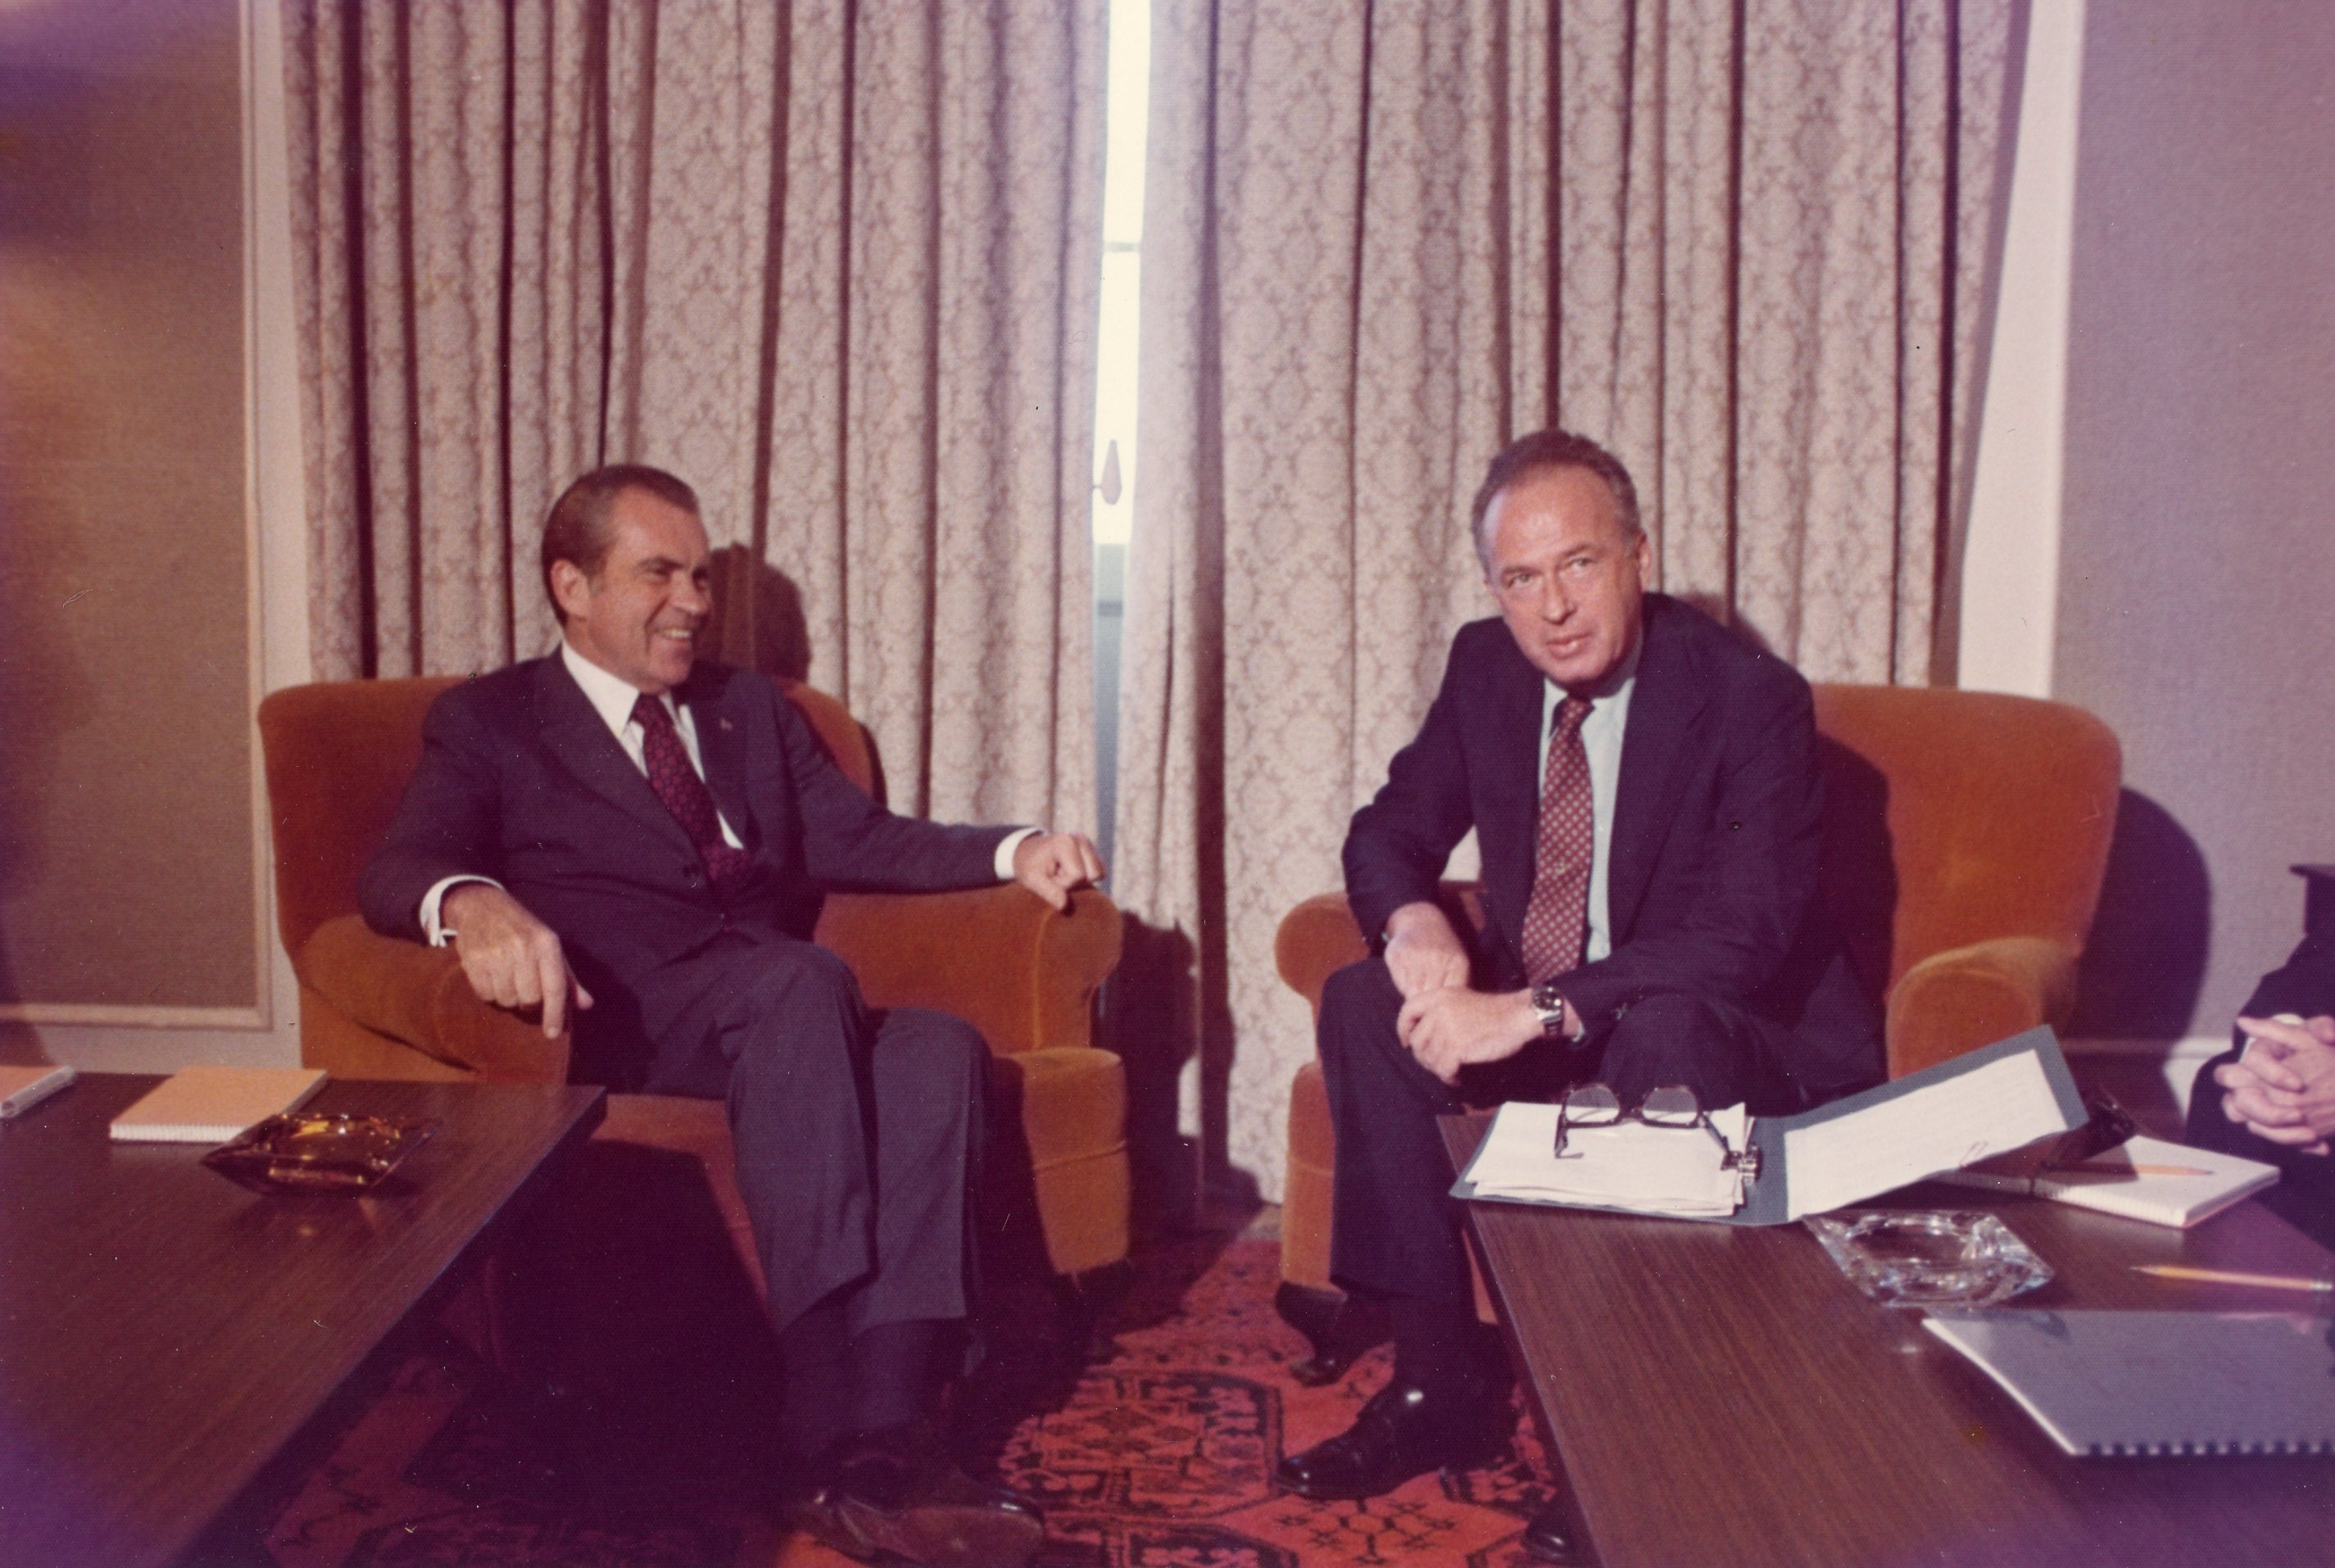 September 1972: Nixon Weighs Options Following Munich Terror Attack